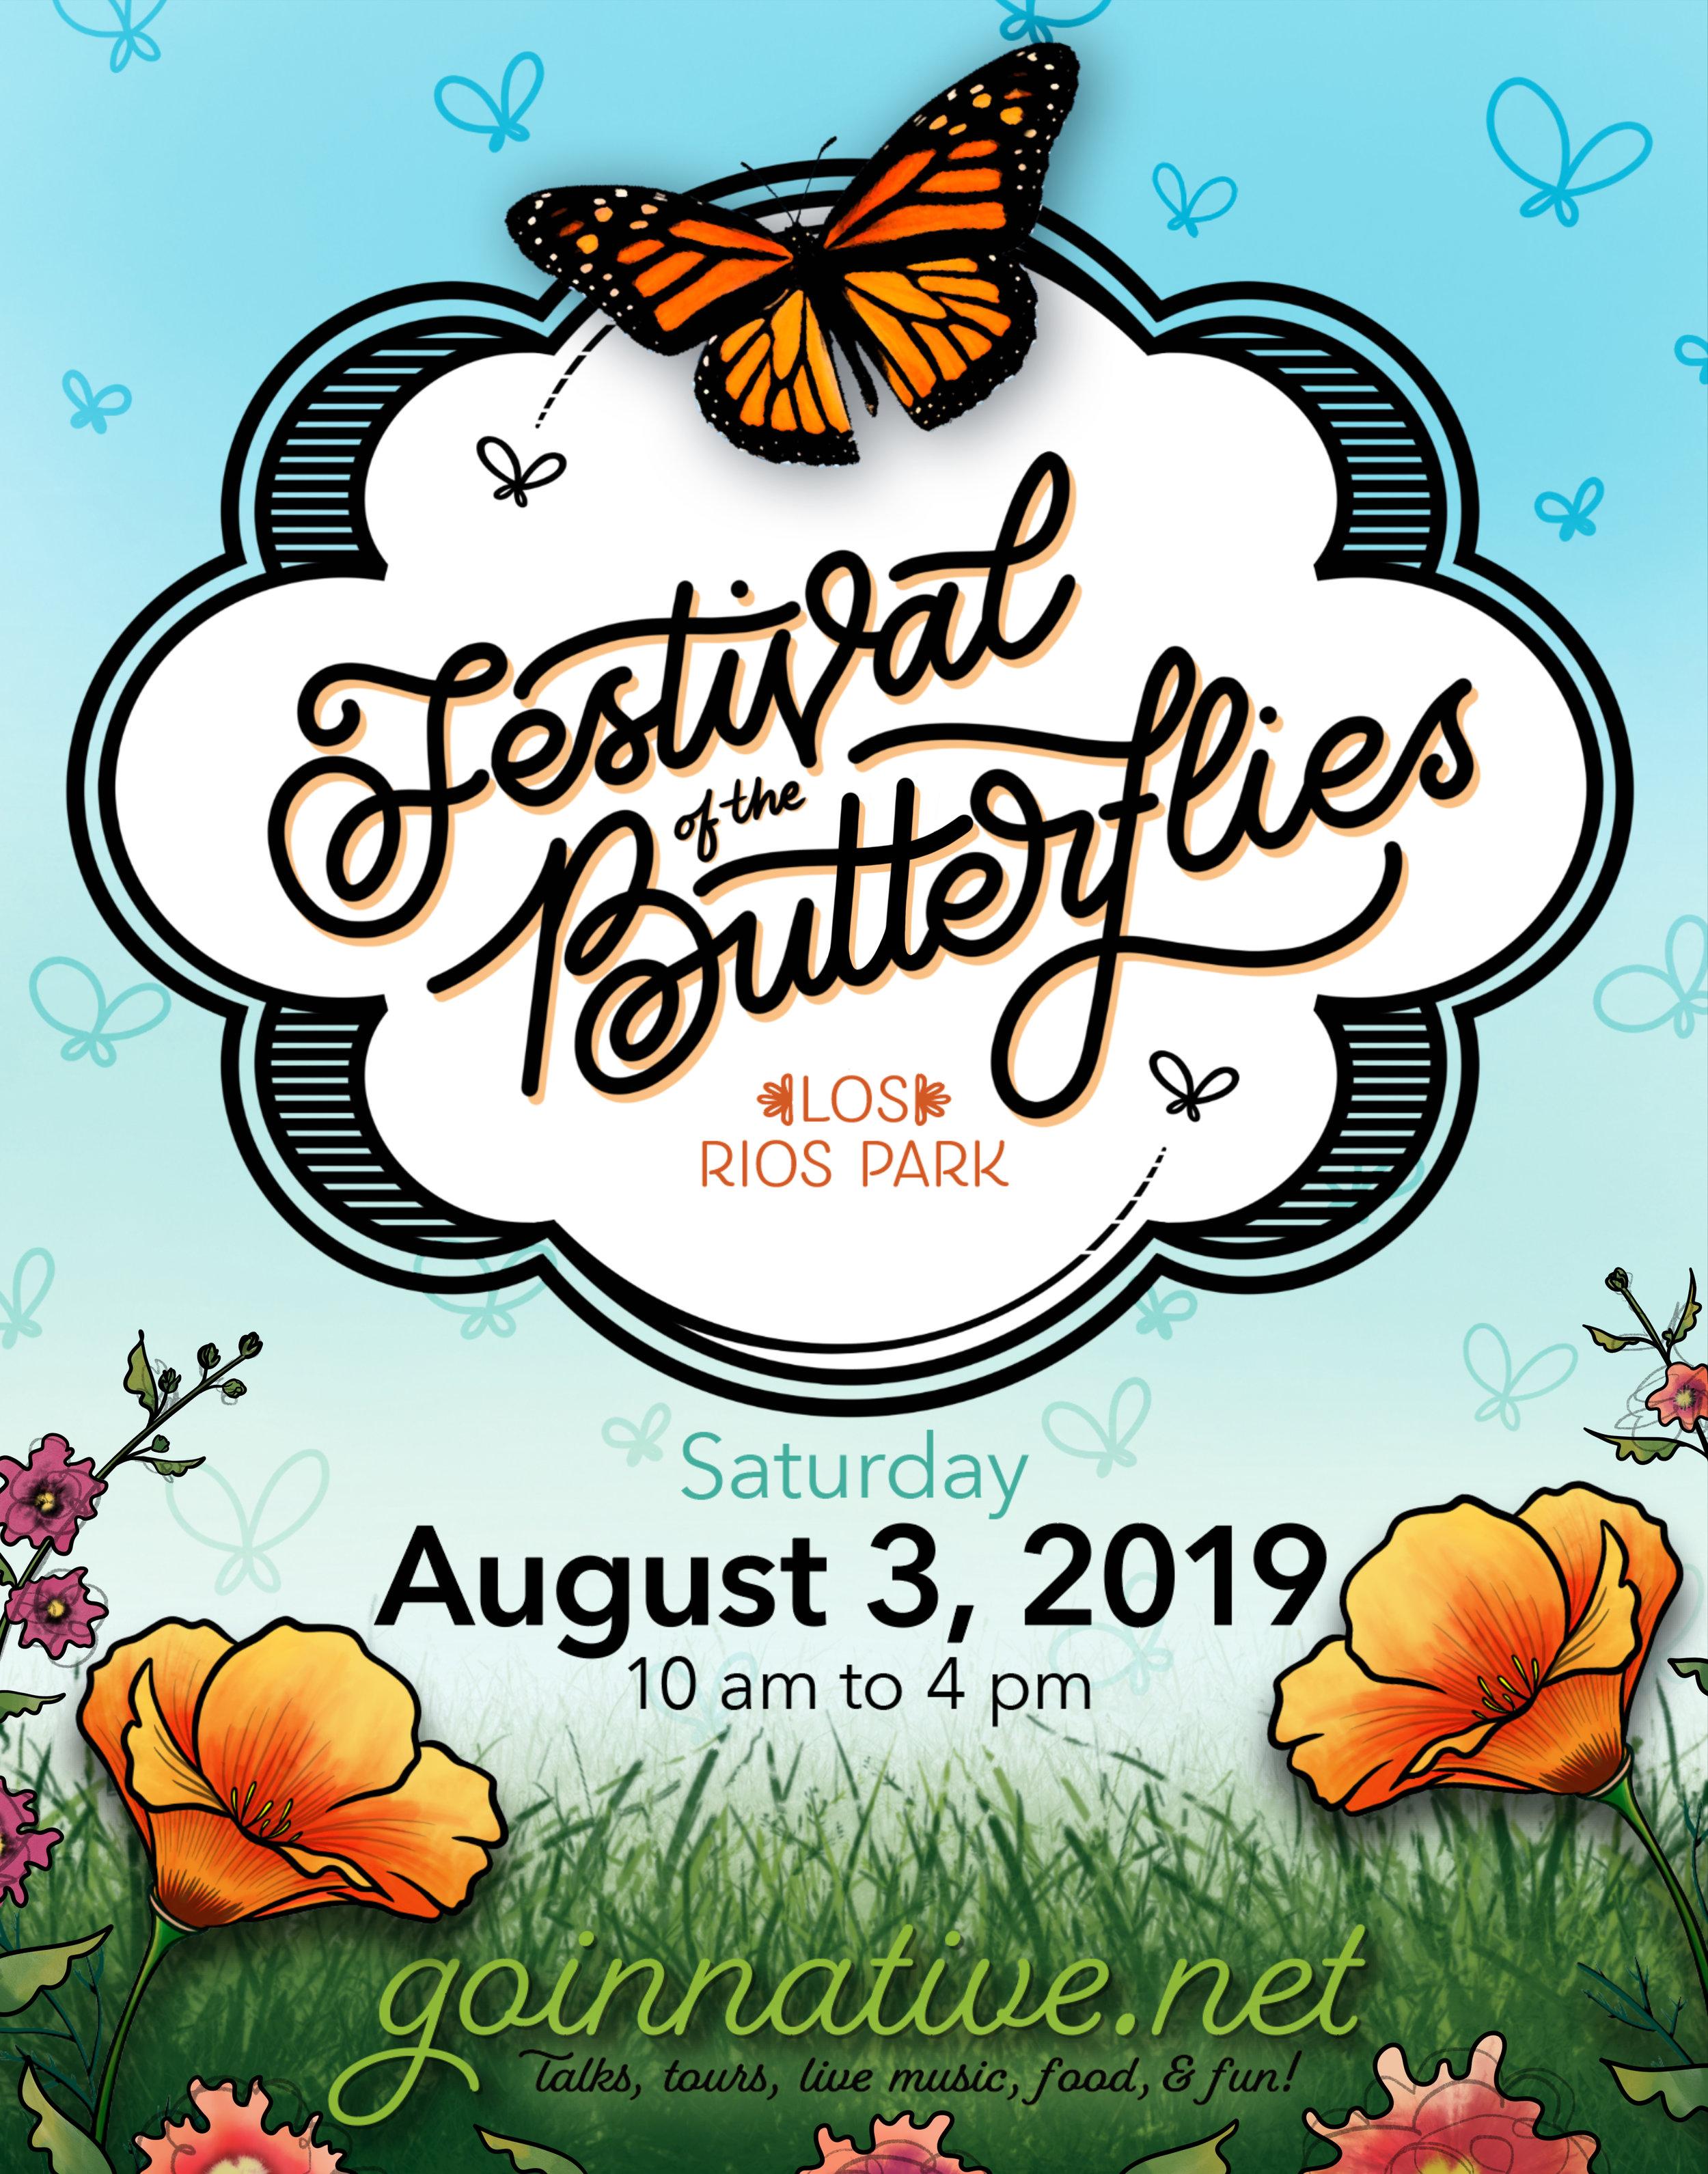 FestivaloftheButterflies(11x14).jpg